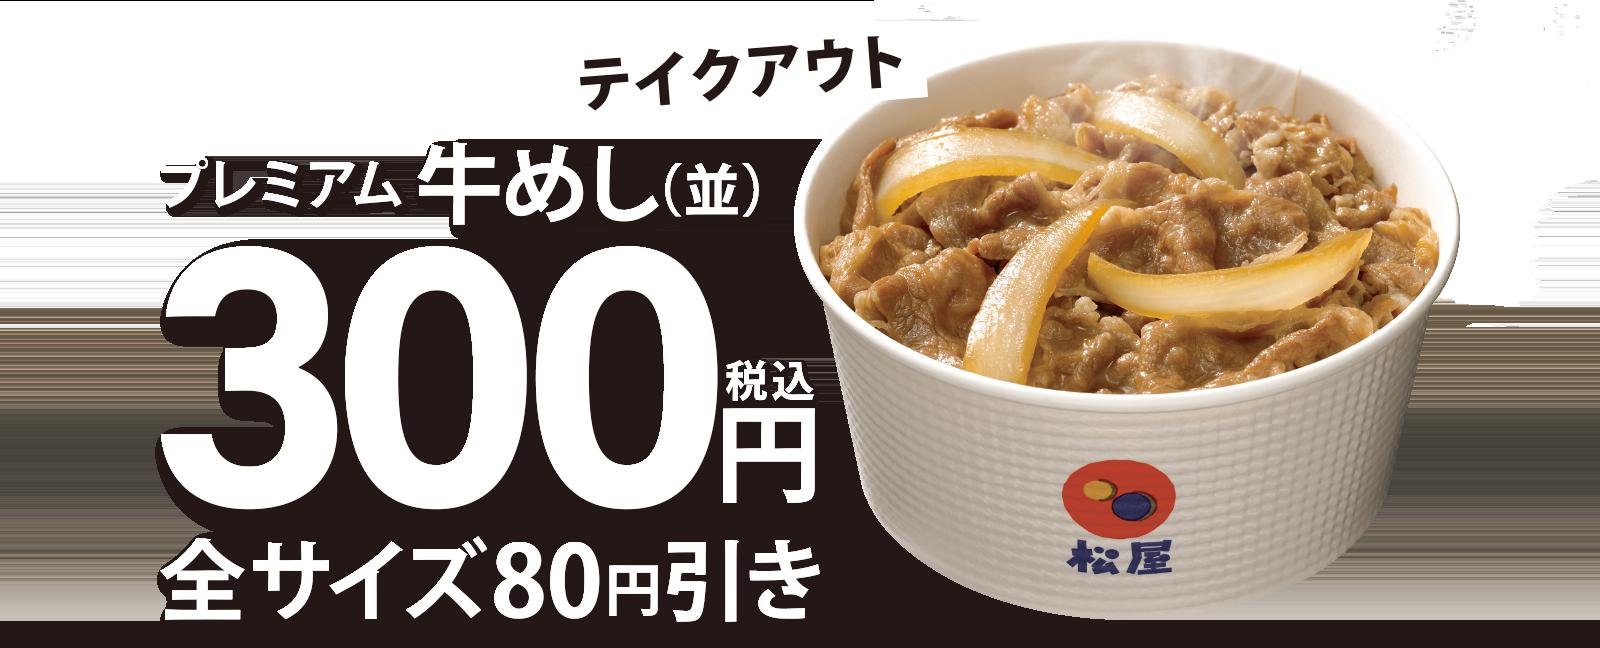 「牛めし(並)300円」「オリジナルカレー大復活」キャンペーン開催!